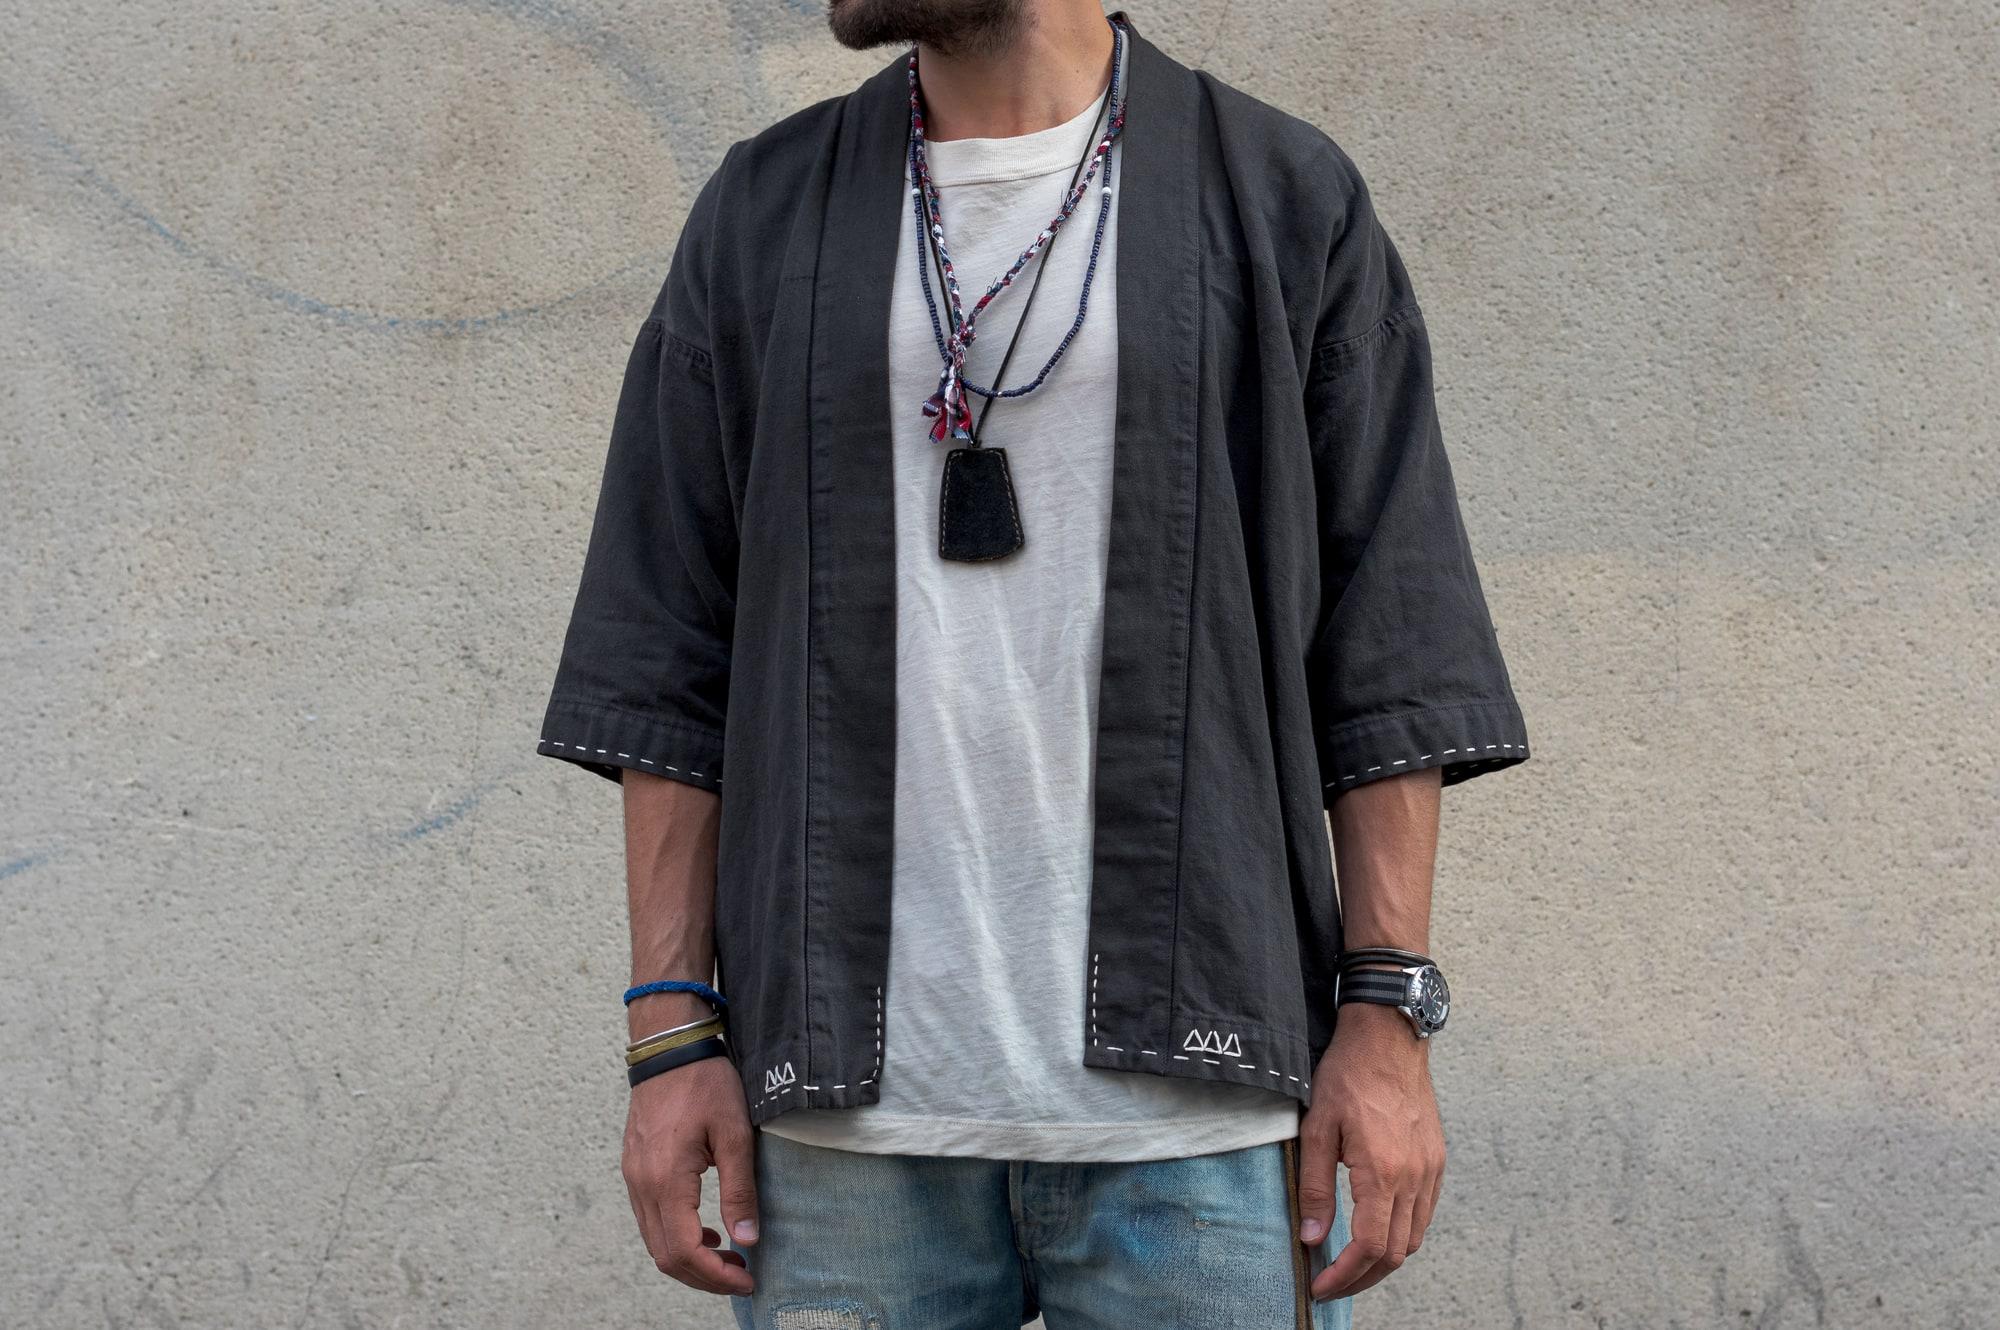 Comment porter une noragi dans un style homme street heritage